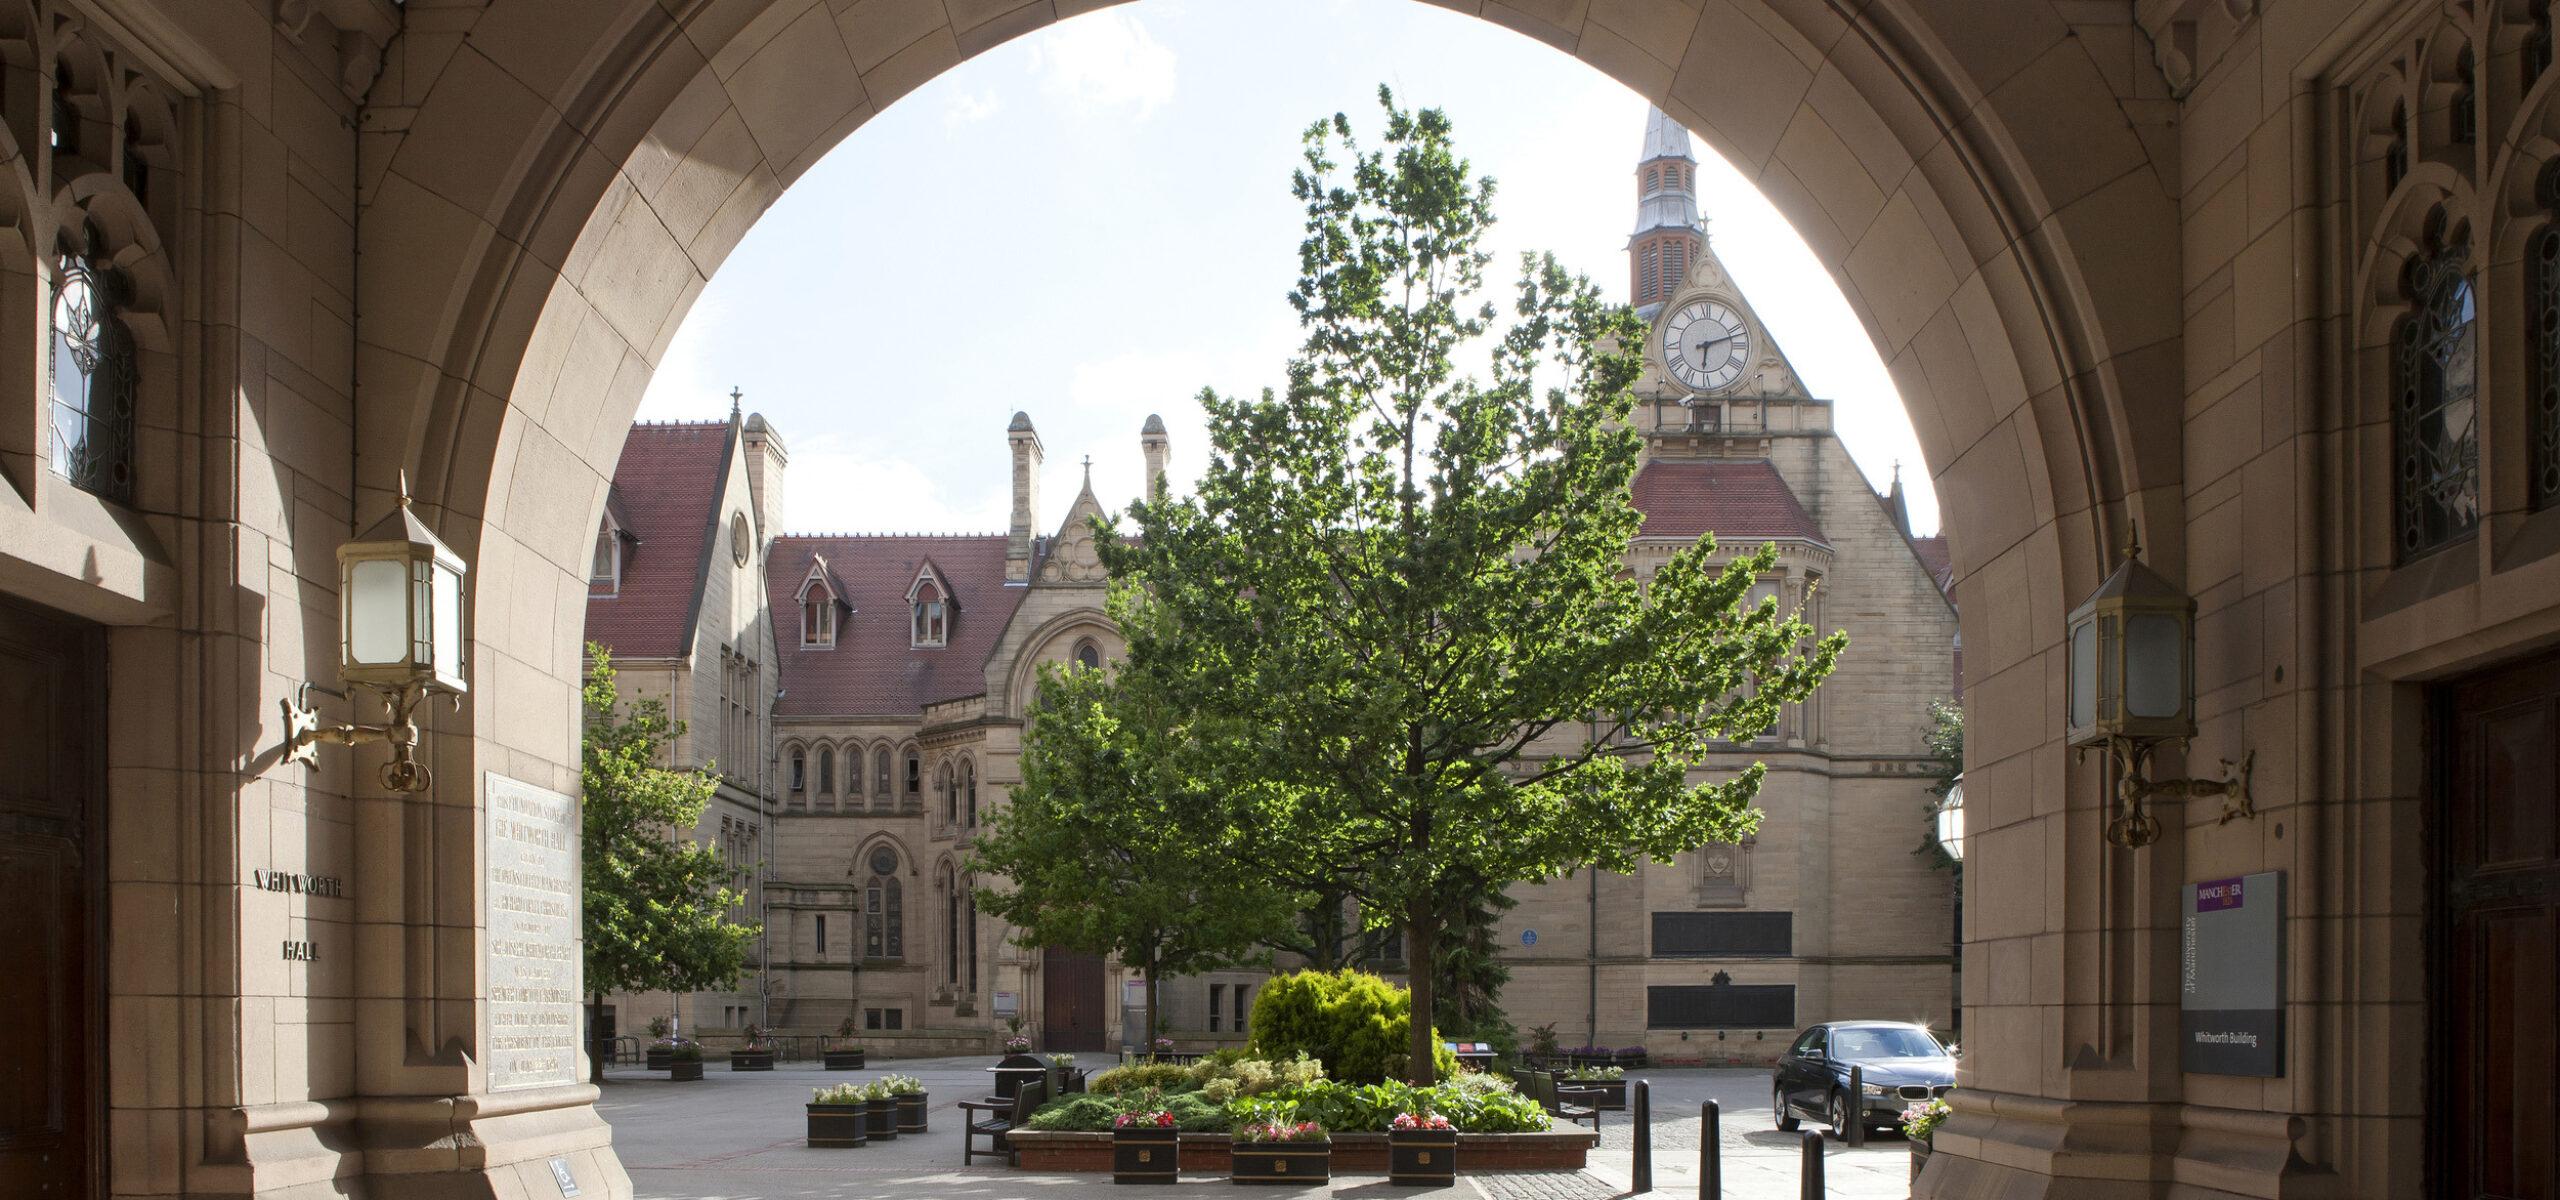 Whitworth Hall arch